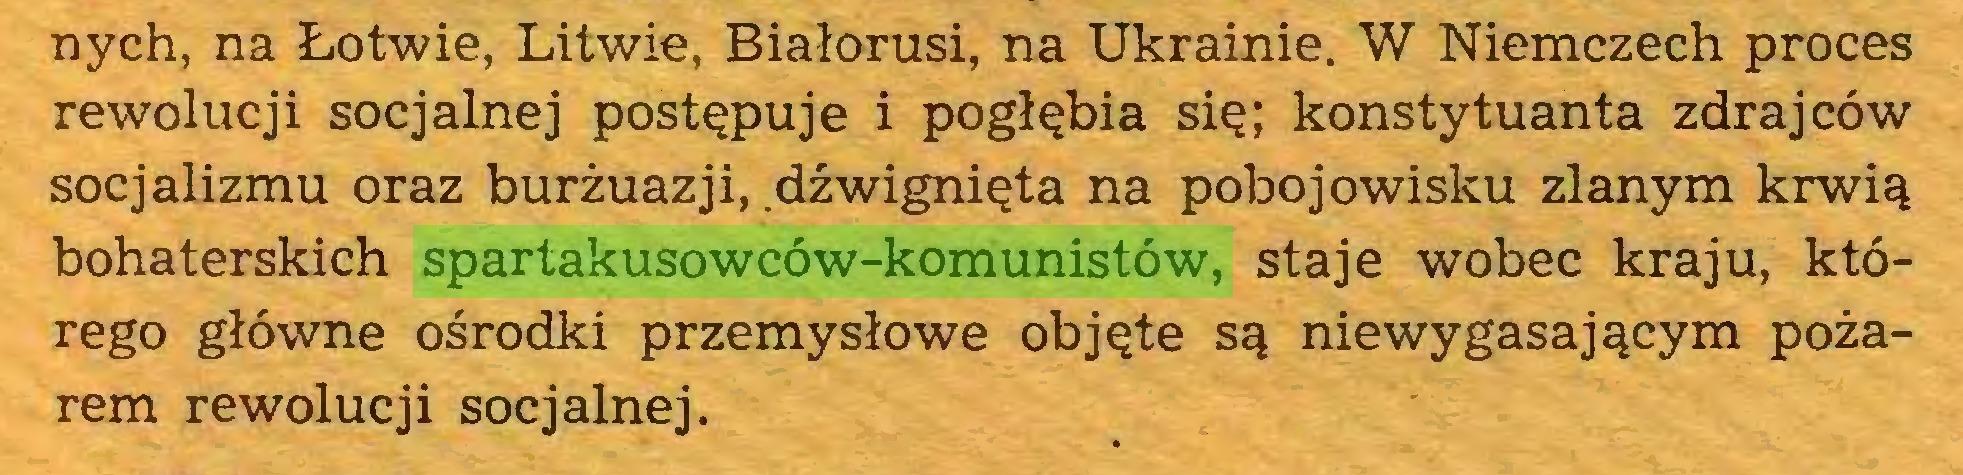 (...) nych, na Łotwie, Litwie, Białorusi, na Ukrainie. W Niemczech proces rewolucji socjalnej postępuje i pogłębia się; konstytuanta zdrajców socjalizmu oraz burżuazji, .dźwignięta na pobojowisku zlanym krwią bohaterskich spartakusowców-komunistów, staje wobec kraju, którego główne ośrodki przemysłowe objęte są niewygasającym pożarem rewolucji socjalnej...